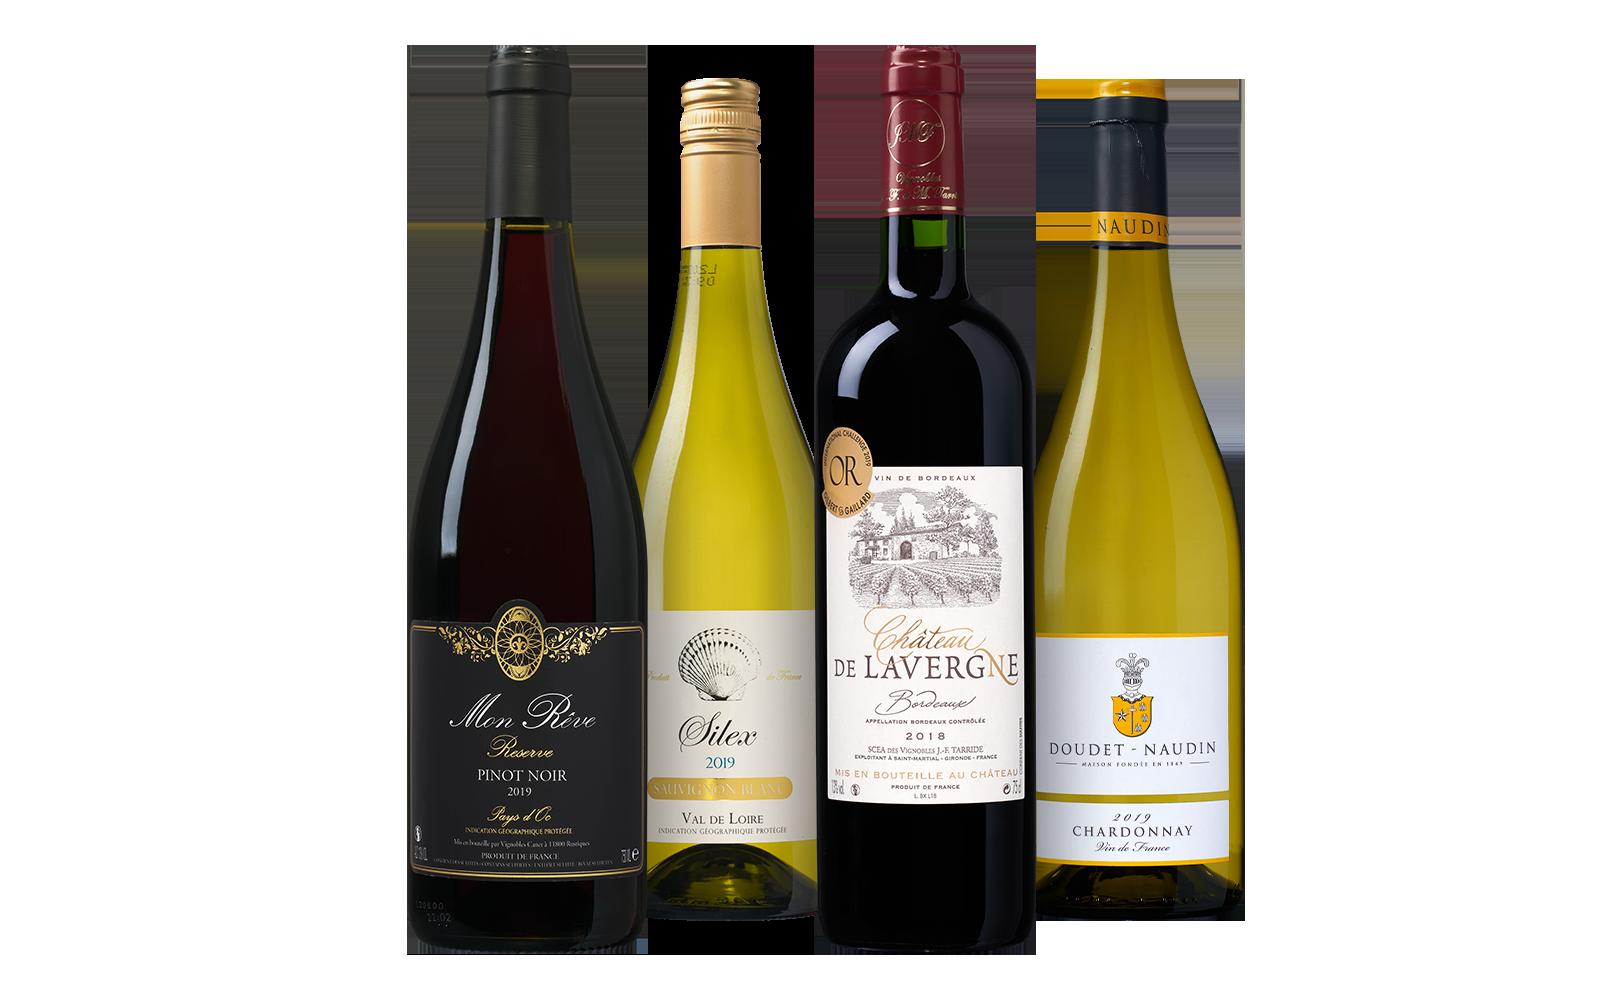 Frans Wijnpakket wijnbeurs.nl